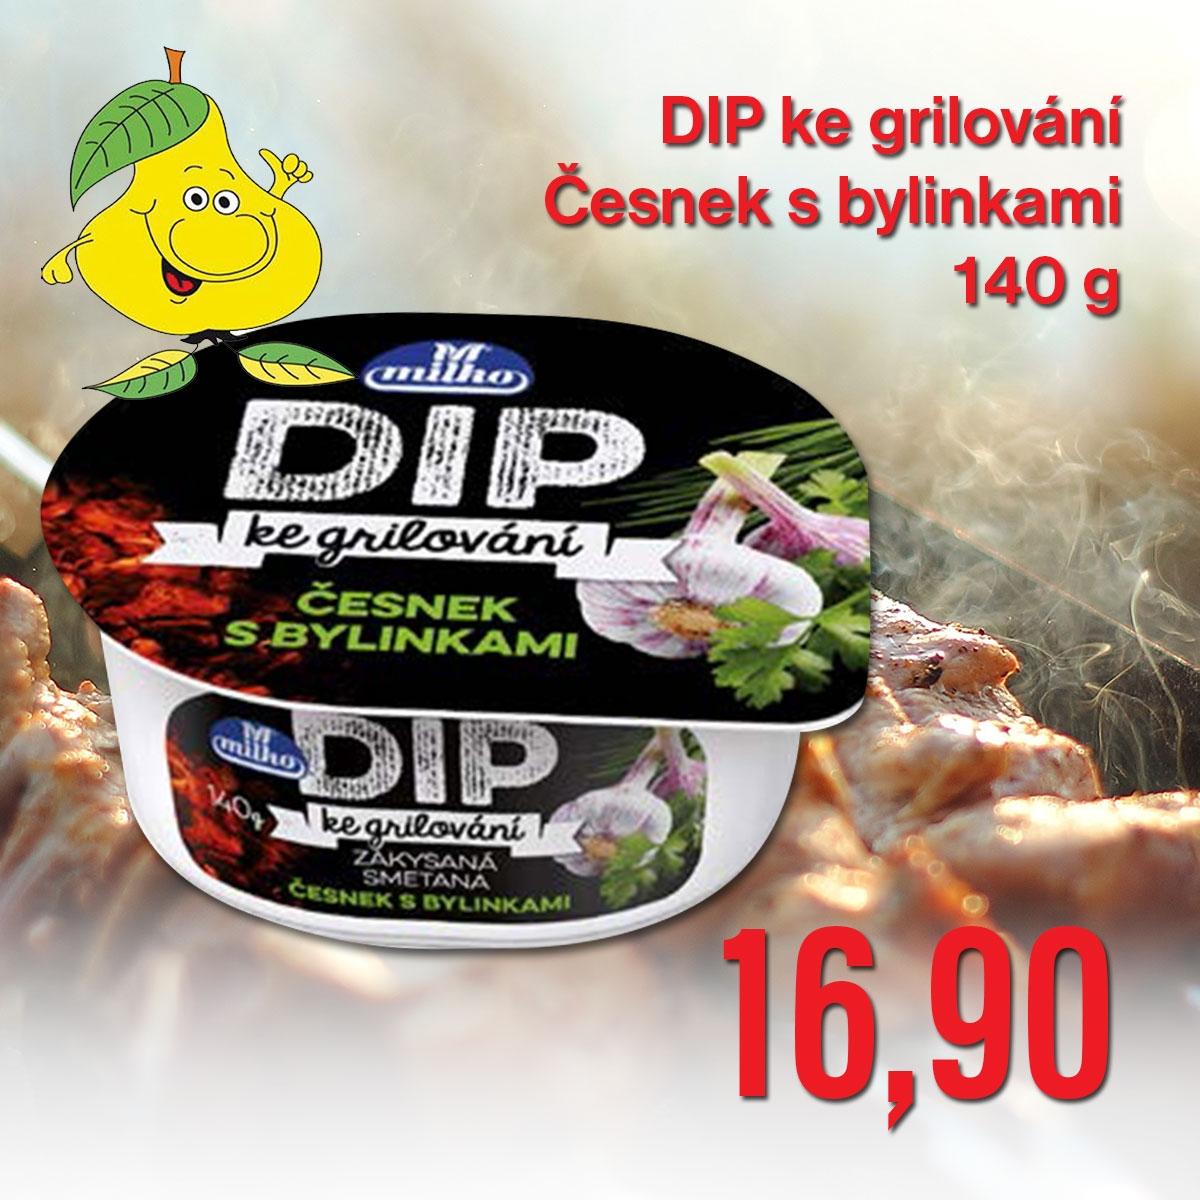 DIP ke grilování Česnek s bylinkami 140 g